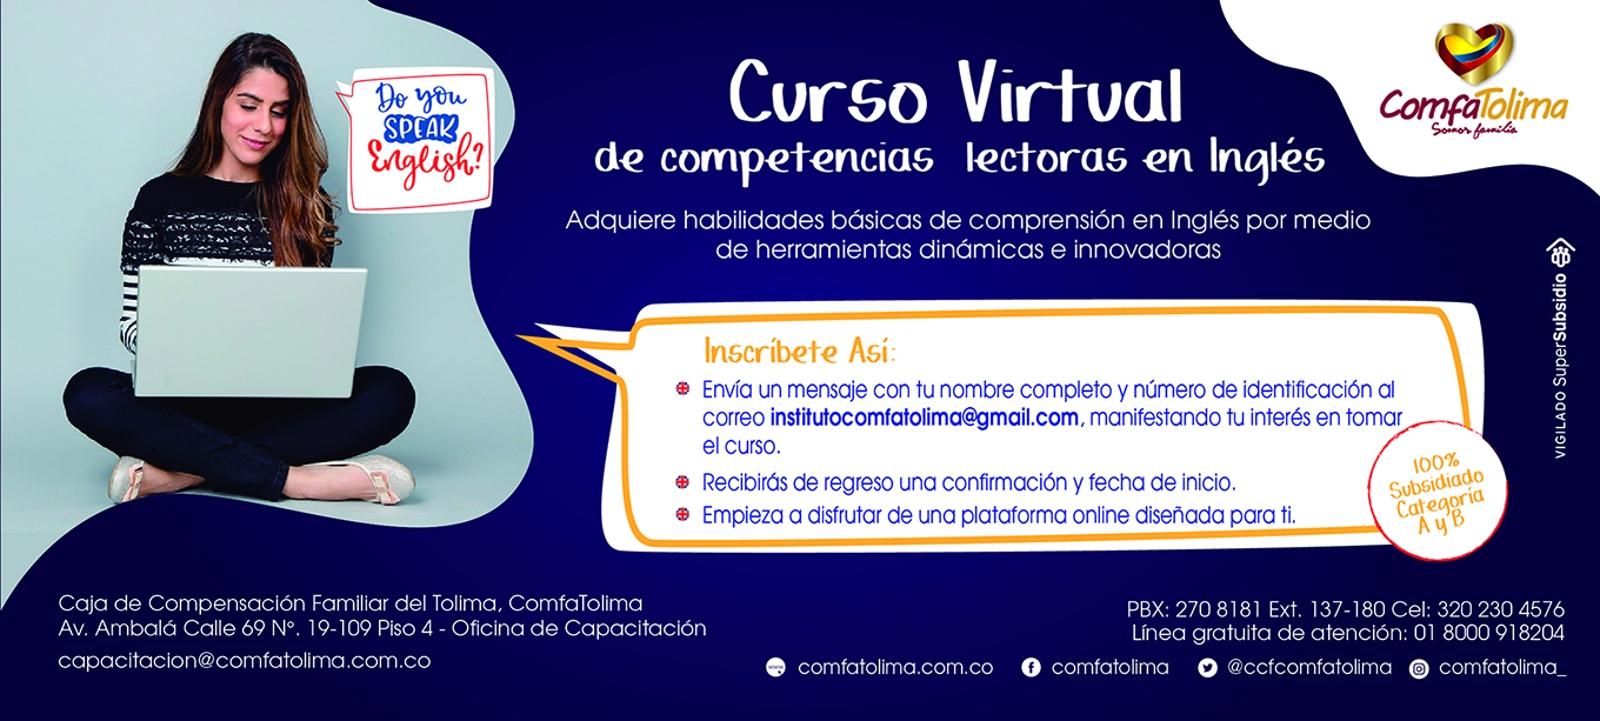 Curso virtual de competencias lectoras en inglés